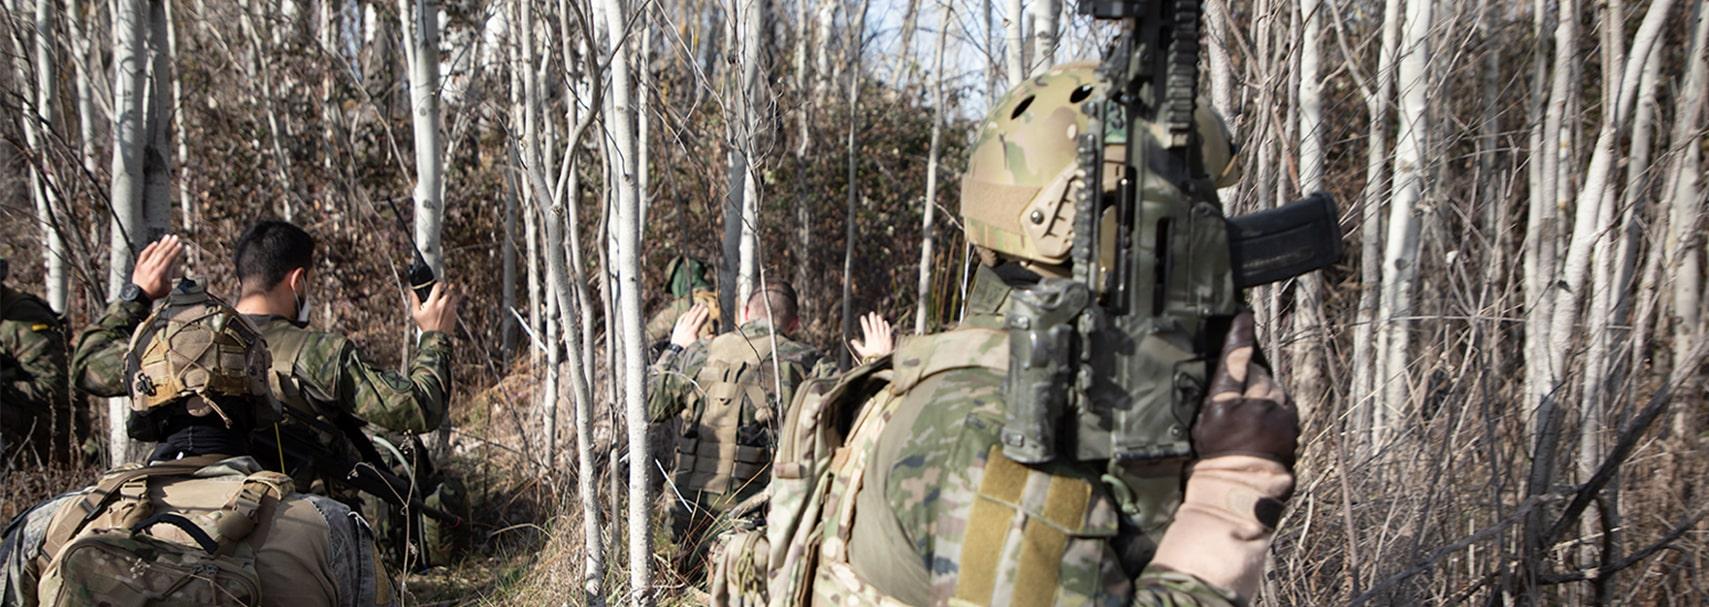 defensa-ante-acoso-laboral-militar-entrada